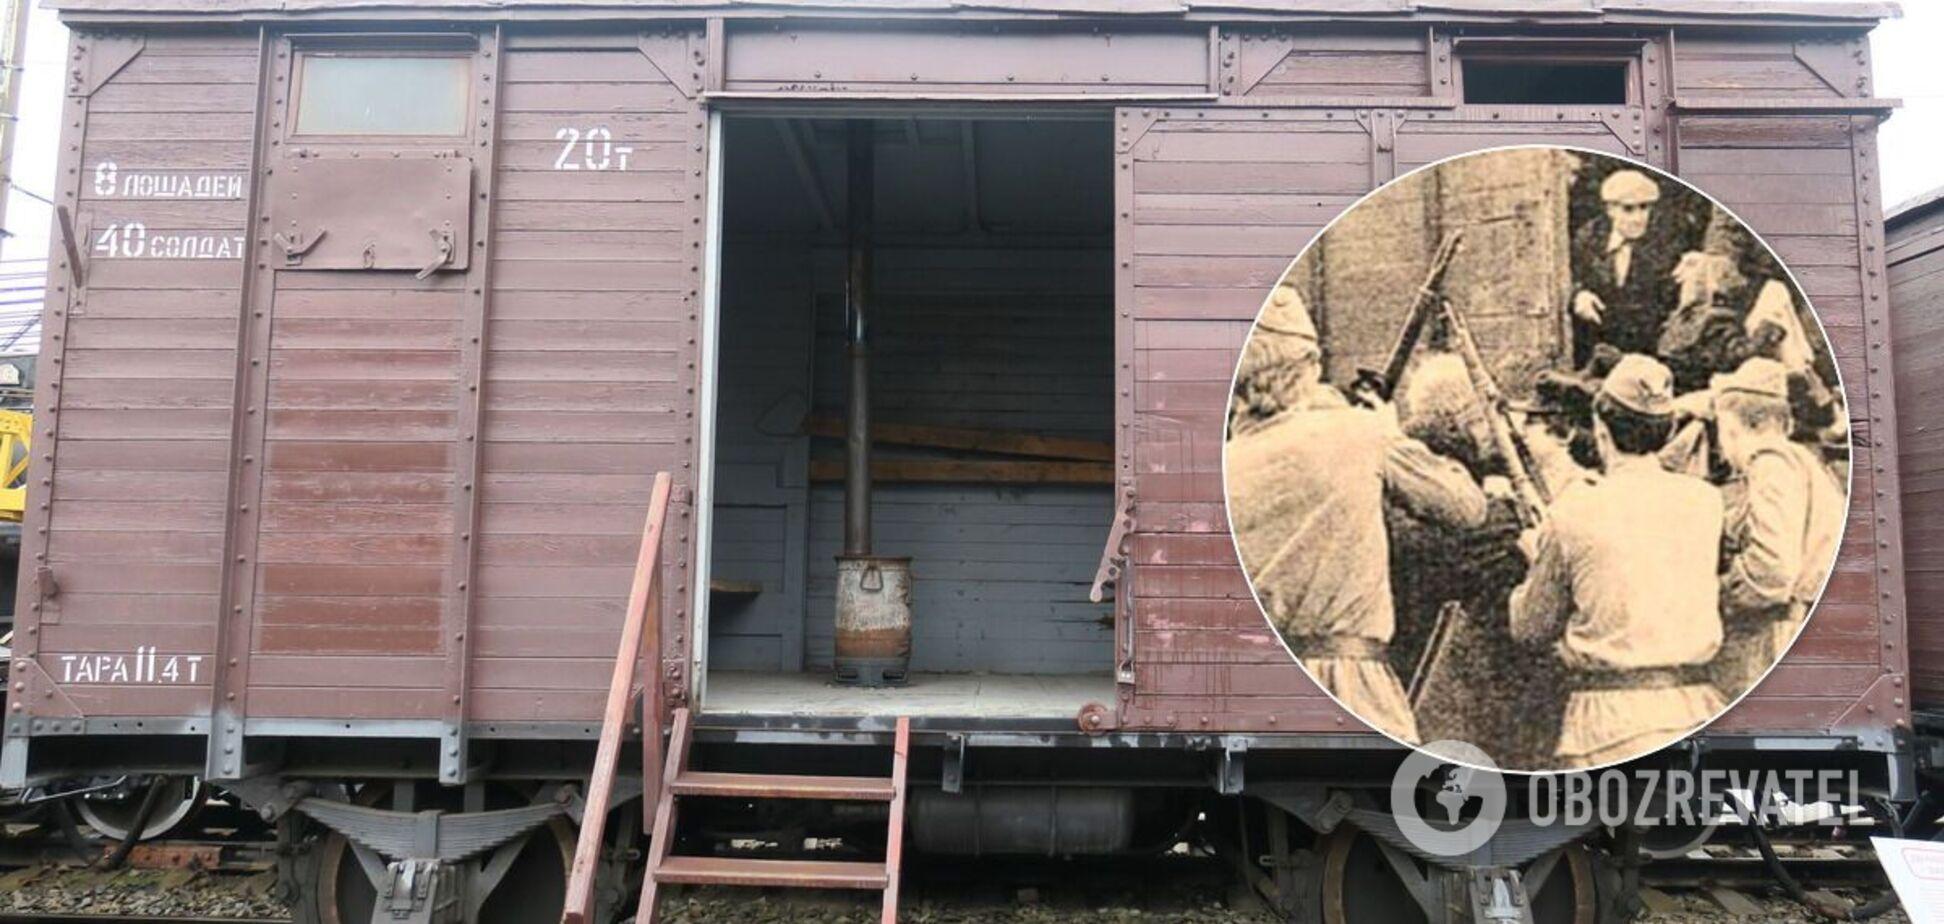 73 года назад СССР насильно депортировало в Сибирь 77 тысяч украинцев